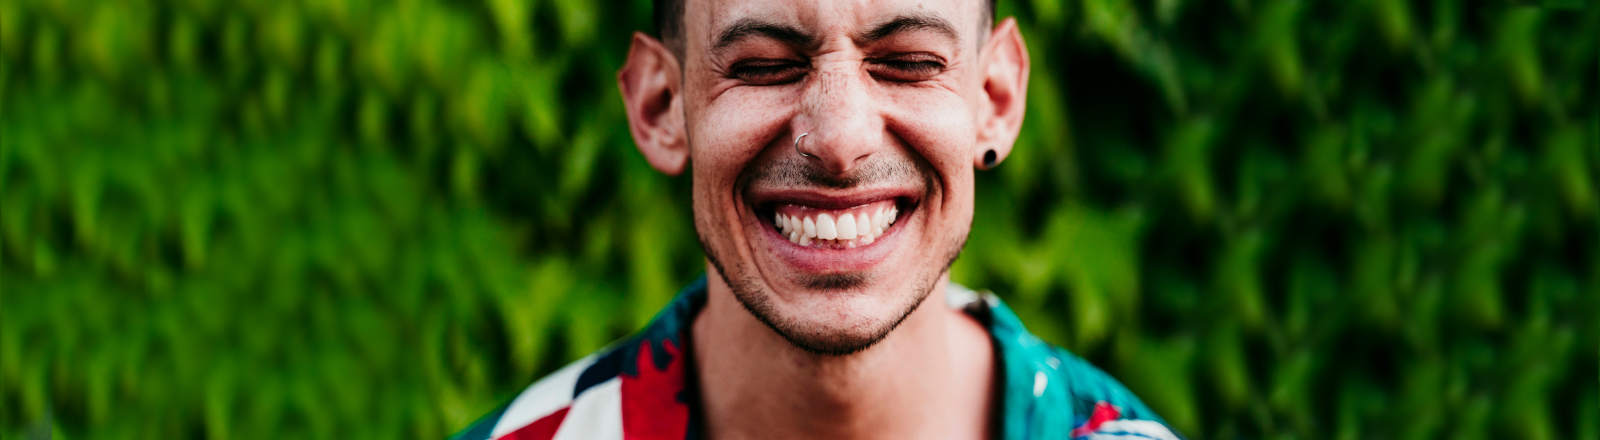 Ein Mann lacht